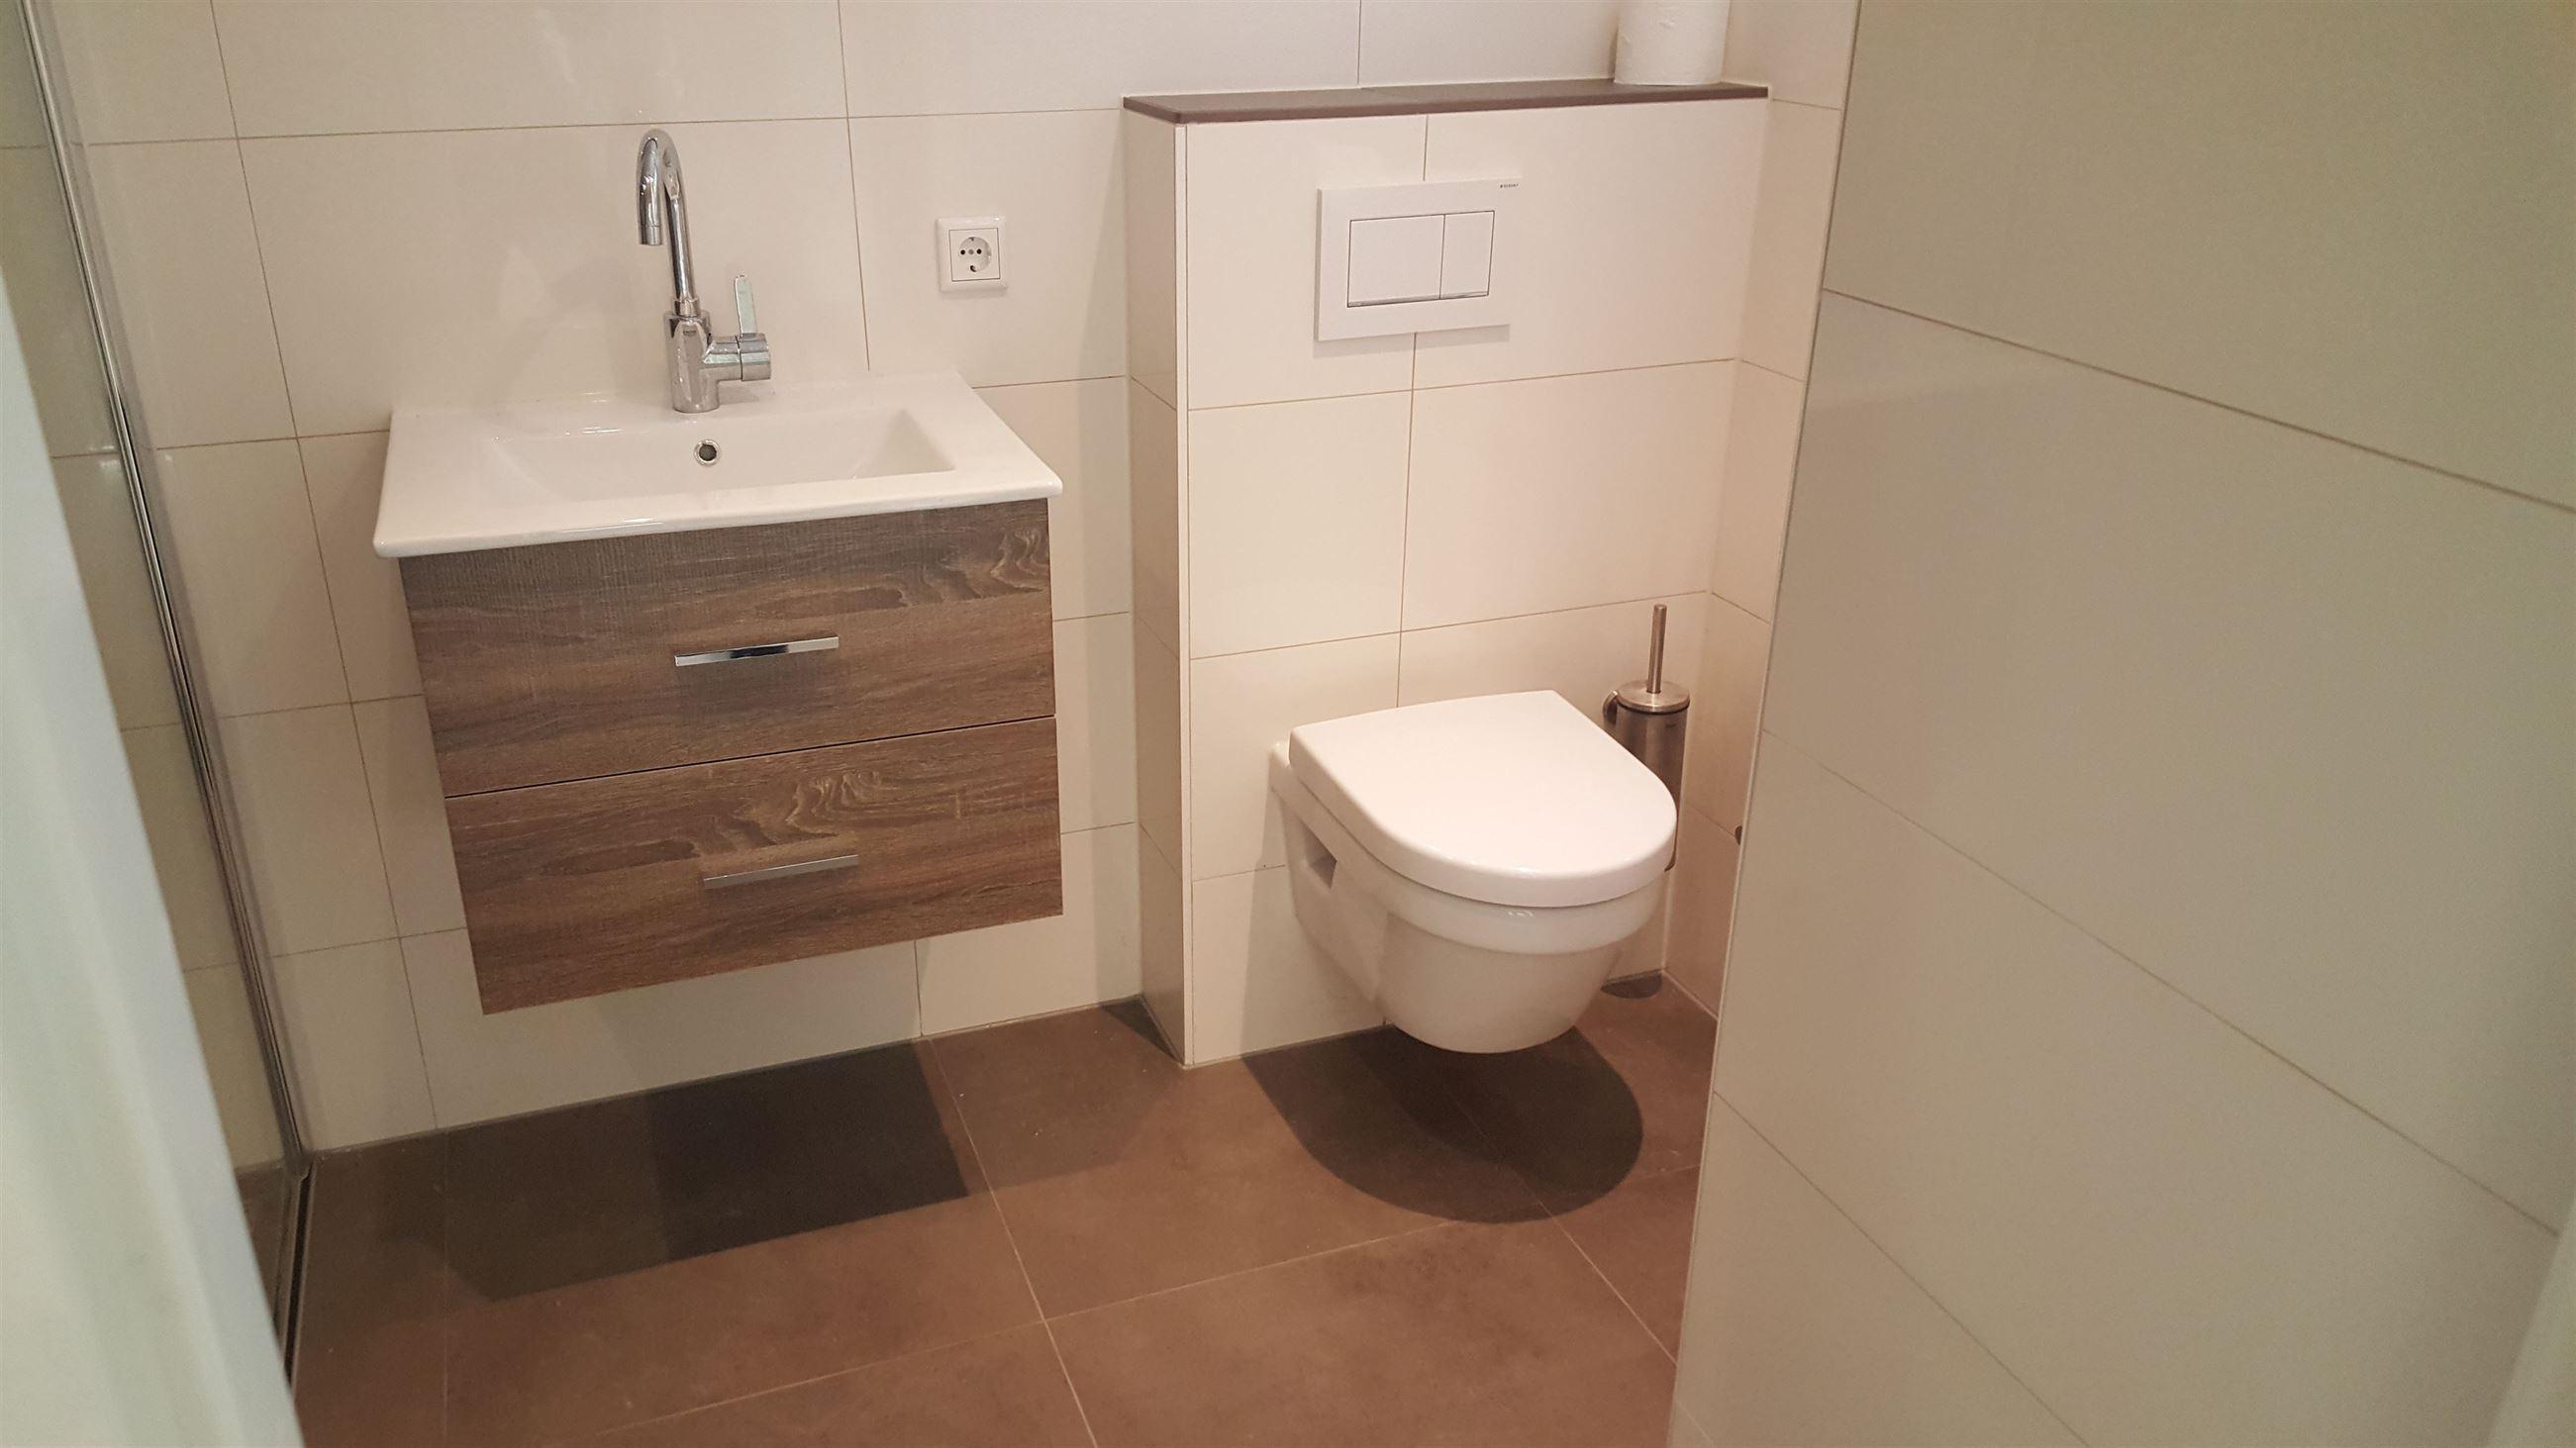 Badkamer Renoveren Klusbedrijf Bontbouw Groningen